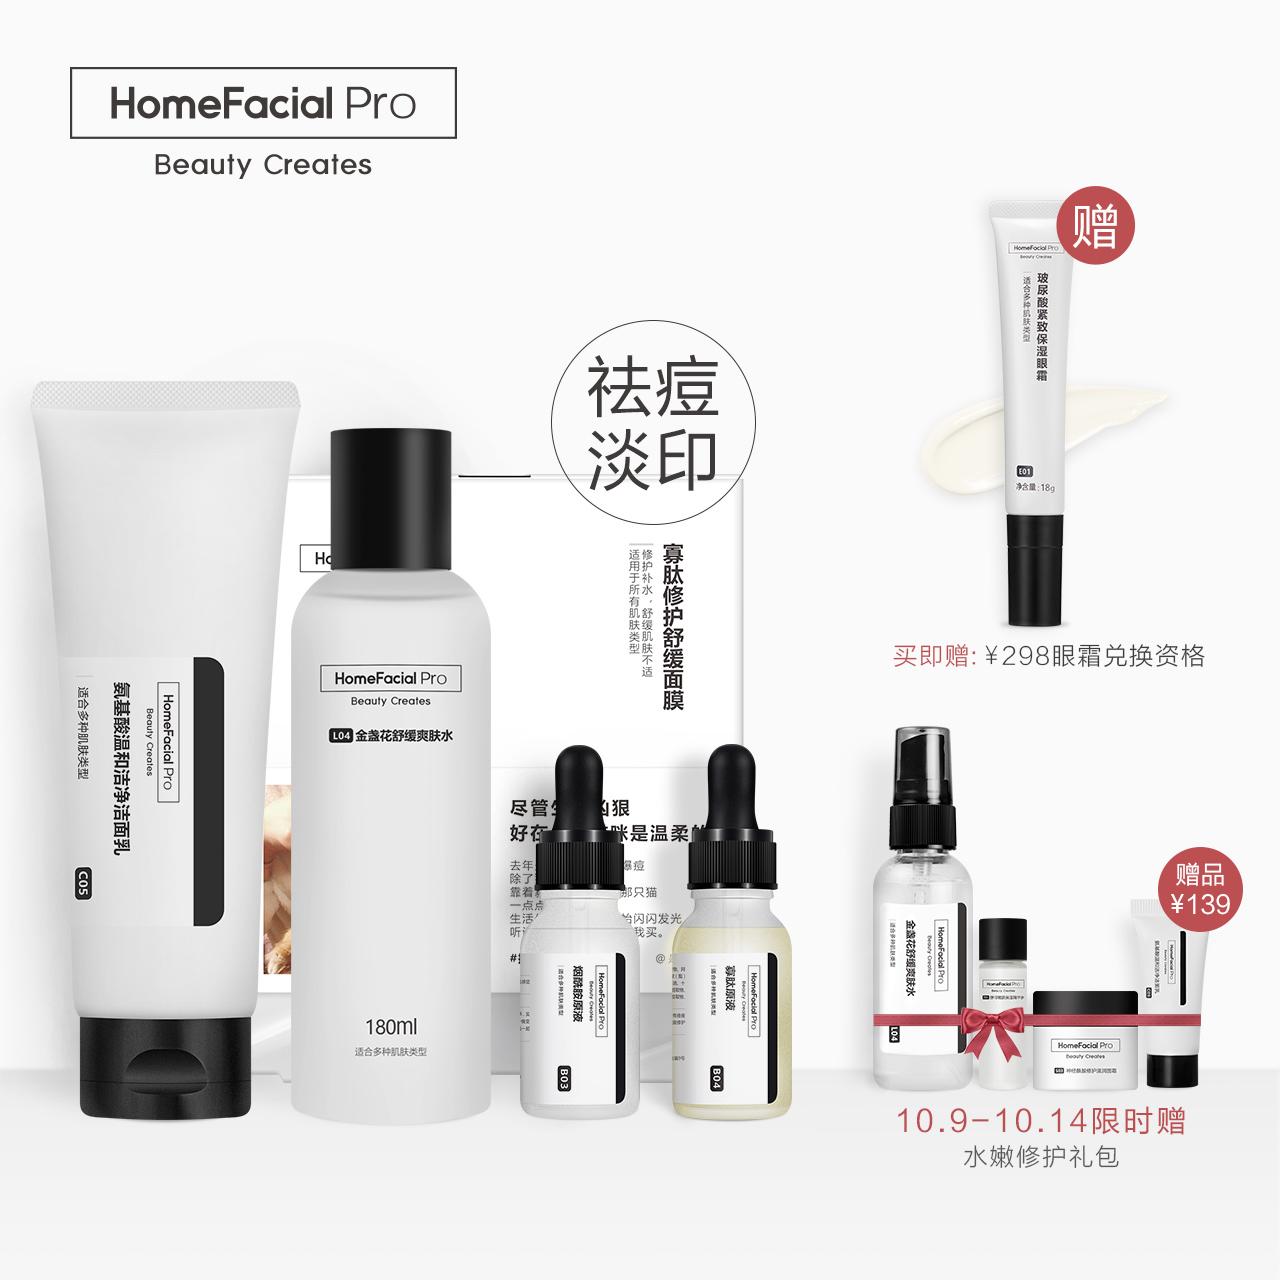 HFP祛痘净肤套装 补水控油淡化痘印产品痘疤护肤品套装正品男女士